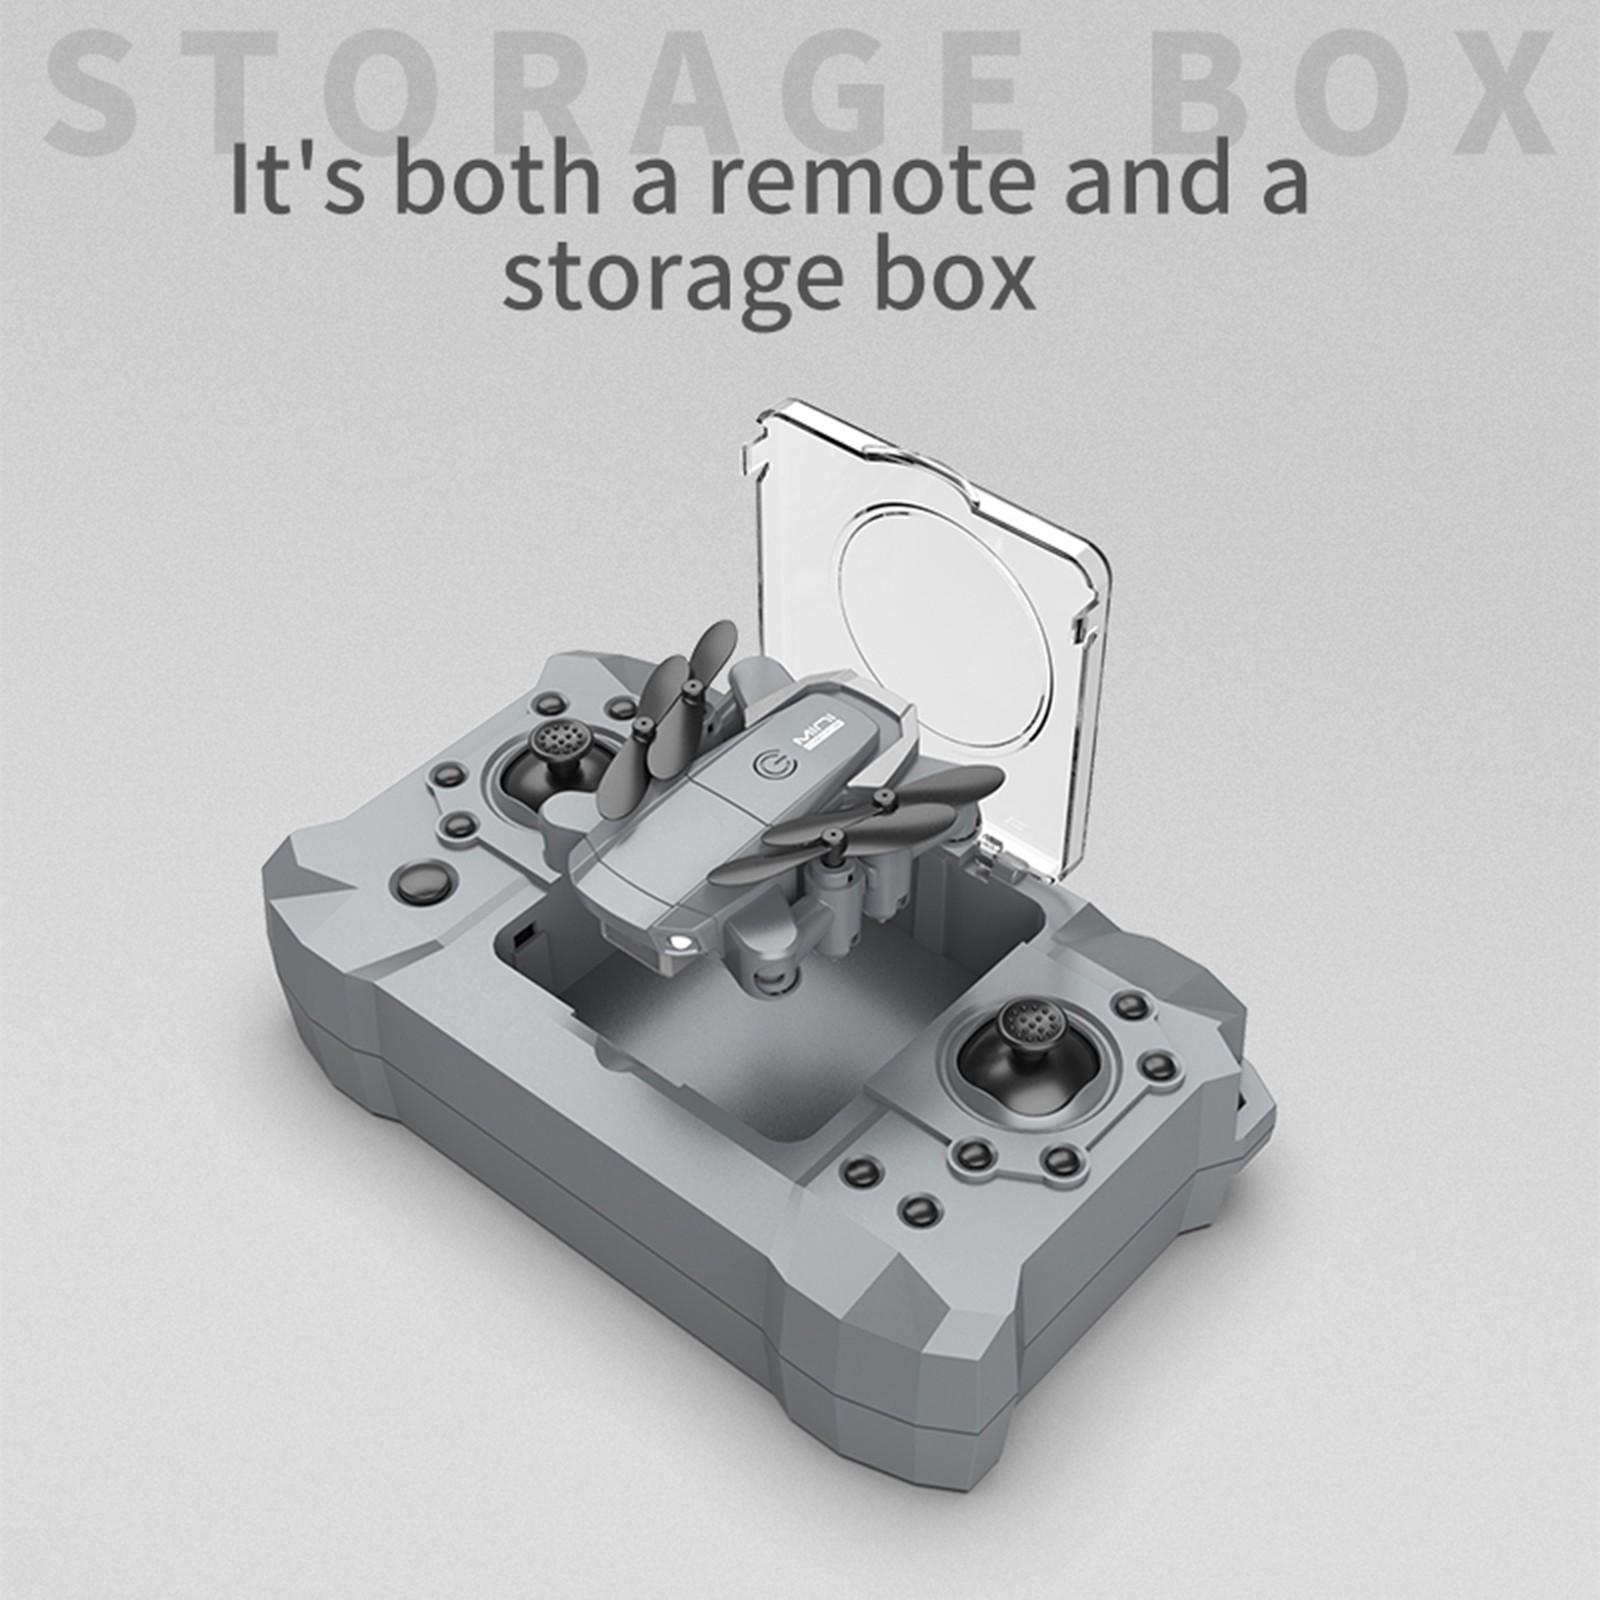 RC Máy Bay Điều Khiển Từ Xa Bubbance Shop61 Ky905 Mini Drone 4k / 1080p